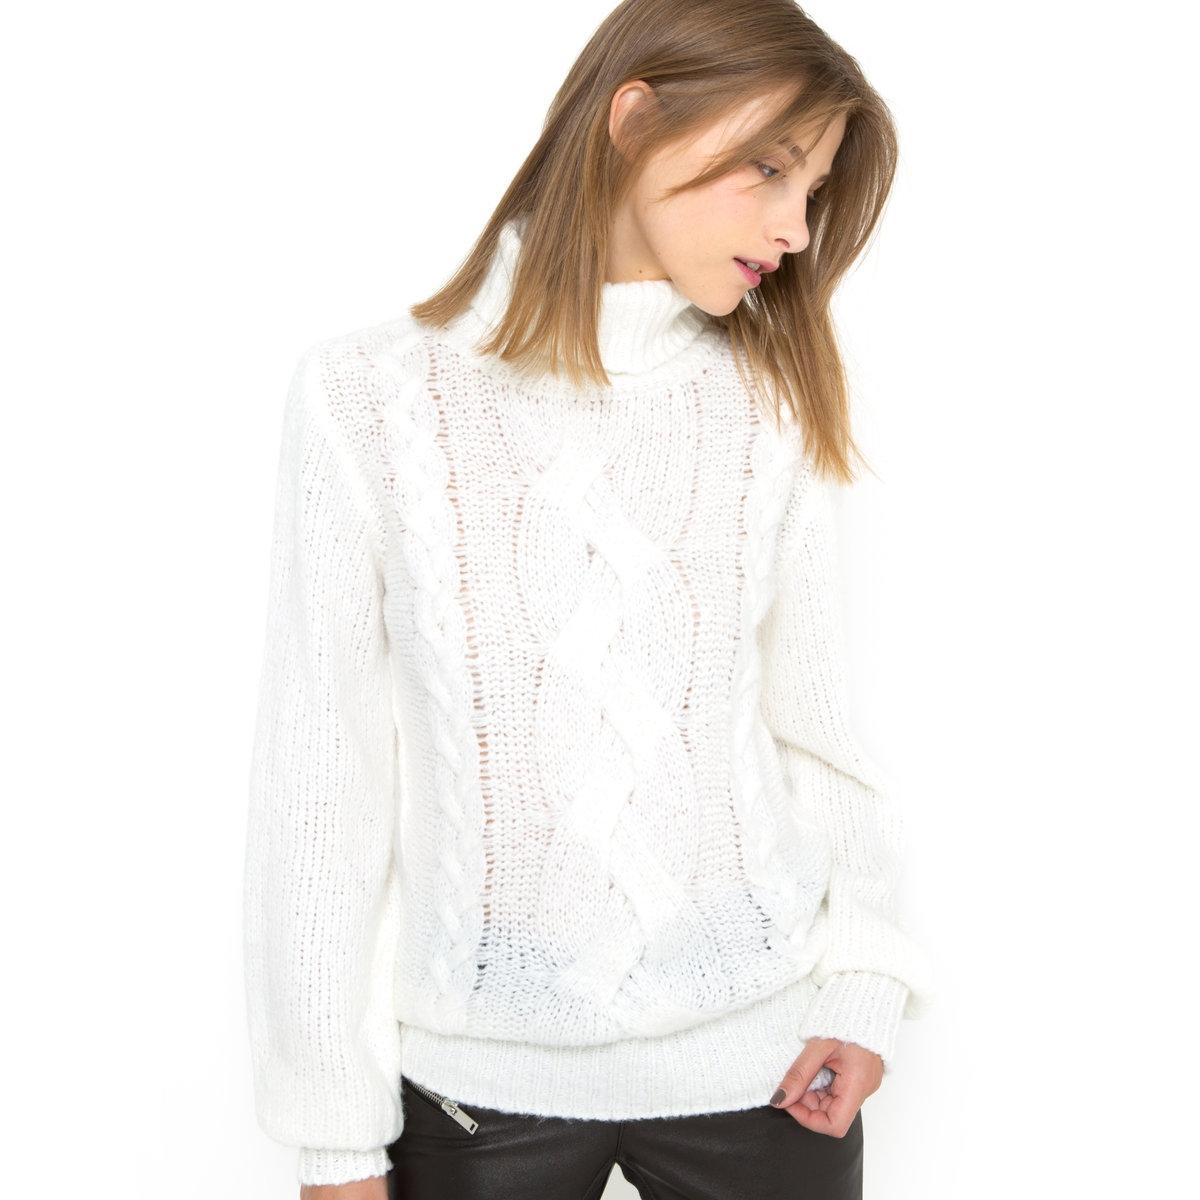 Пуловер с высоким воротником и узором косыПуловер из трикотажа, 100% акрила. Высокий воротник. Узор косы спереди и сзади. Длинные объемные рукава. Длина 69 см.<br><br>Цвет: экрю<br>Размер: 50/52 (FR) - 56/58 (RUS)